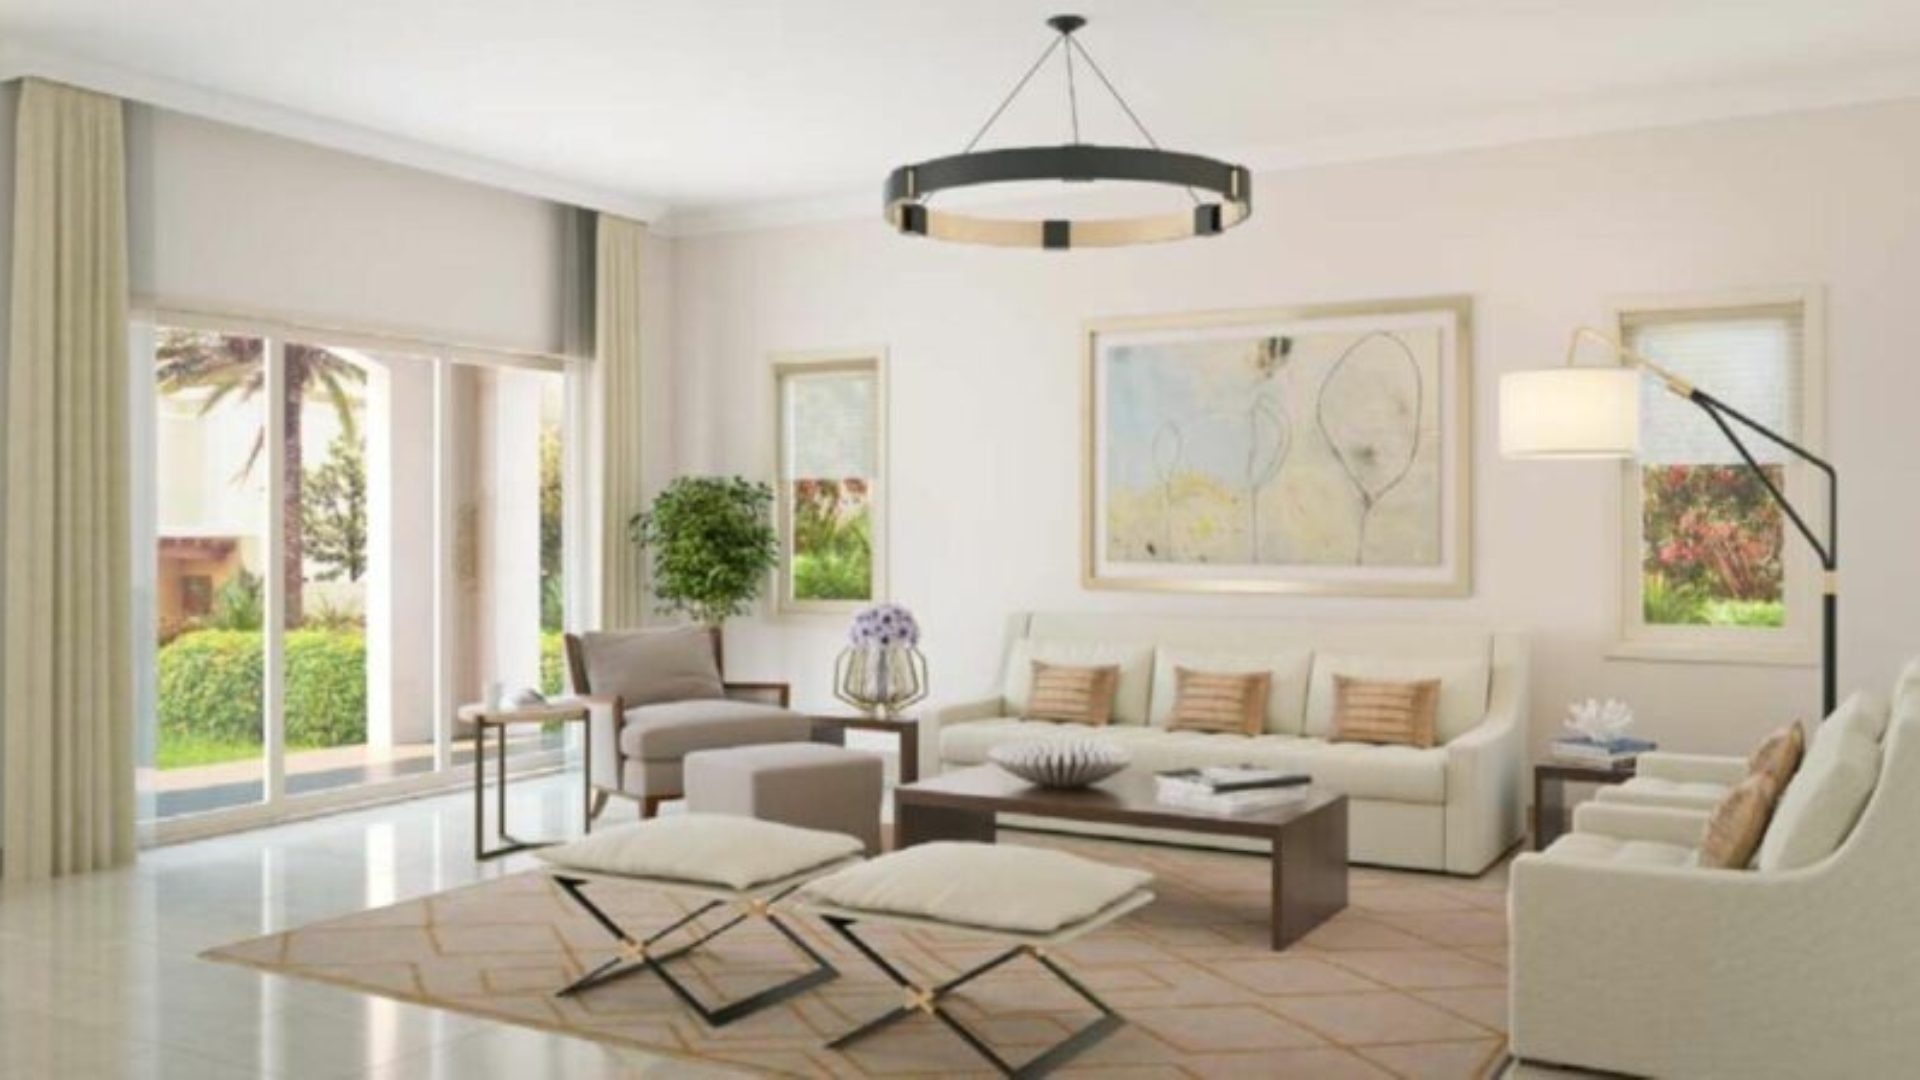 Villa en venta en Dubai, EAU, 5 dormitorios, 680 m2, № 24342 – foto 1